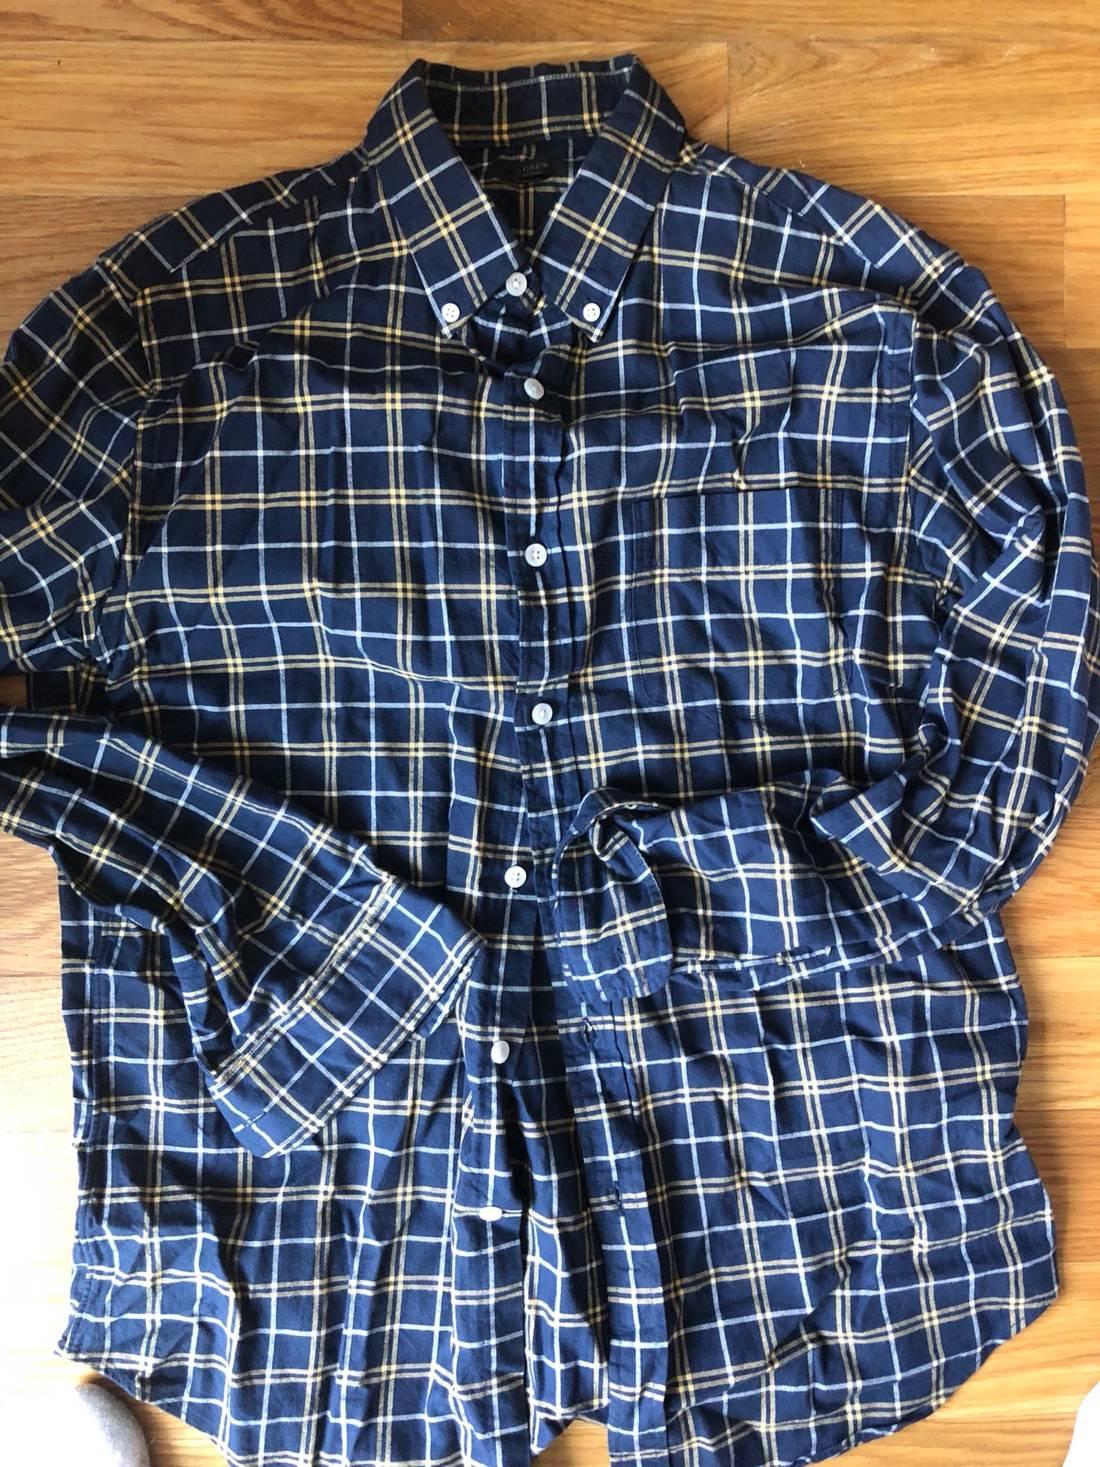 5e127c896 J Crew Womens Blue Plaid Shirt